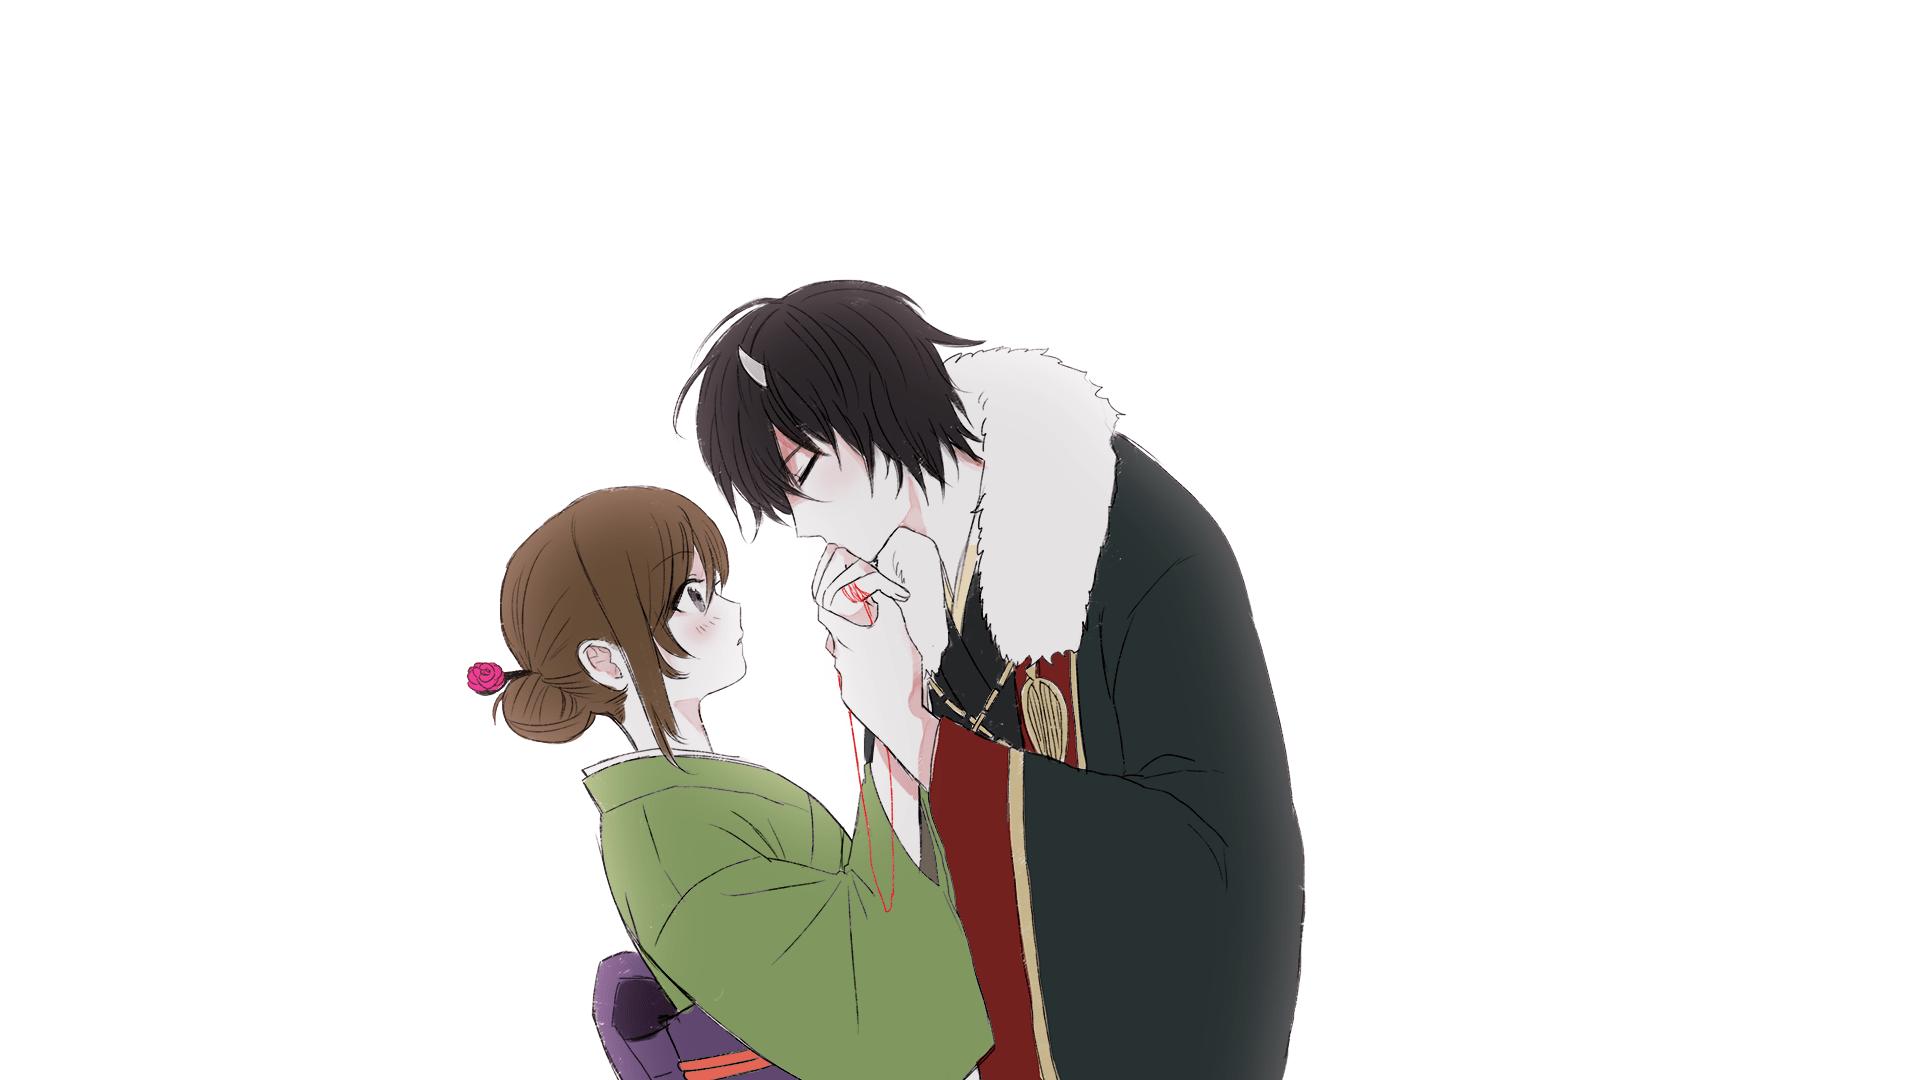 Aoi and Odanna